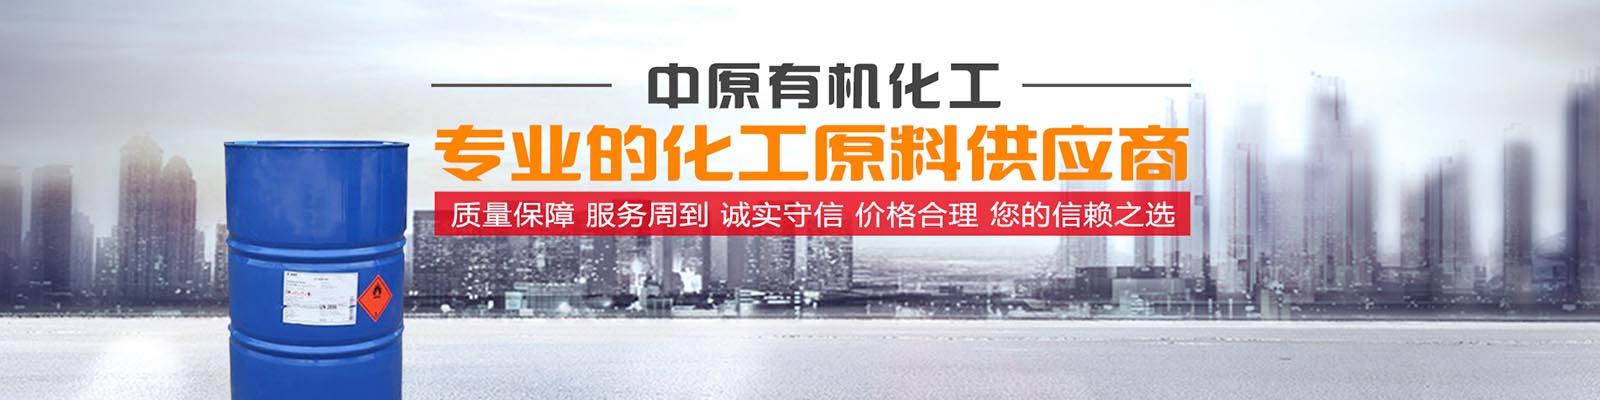 河南省新乡市中原有机化工有限责任公司